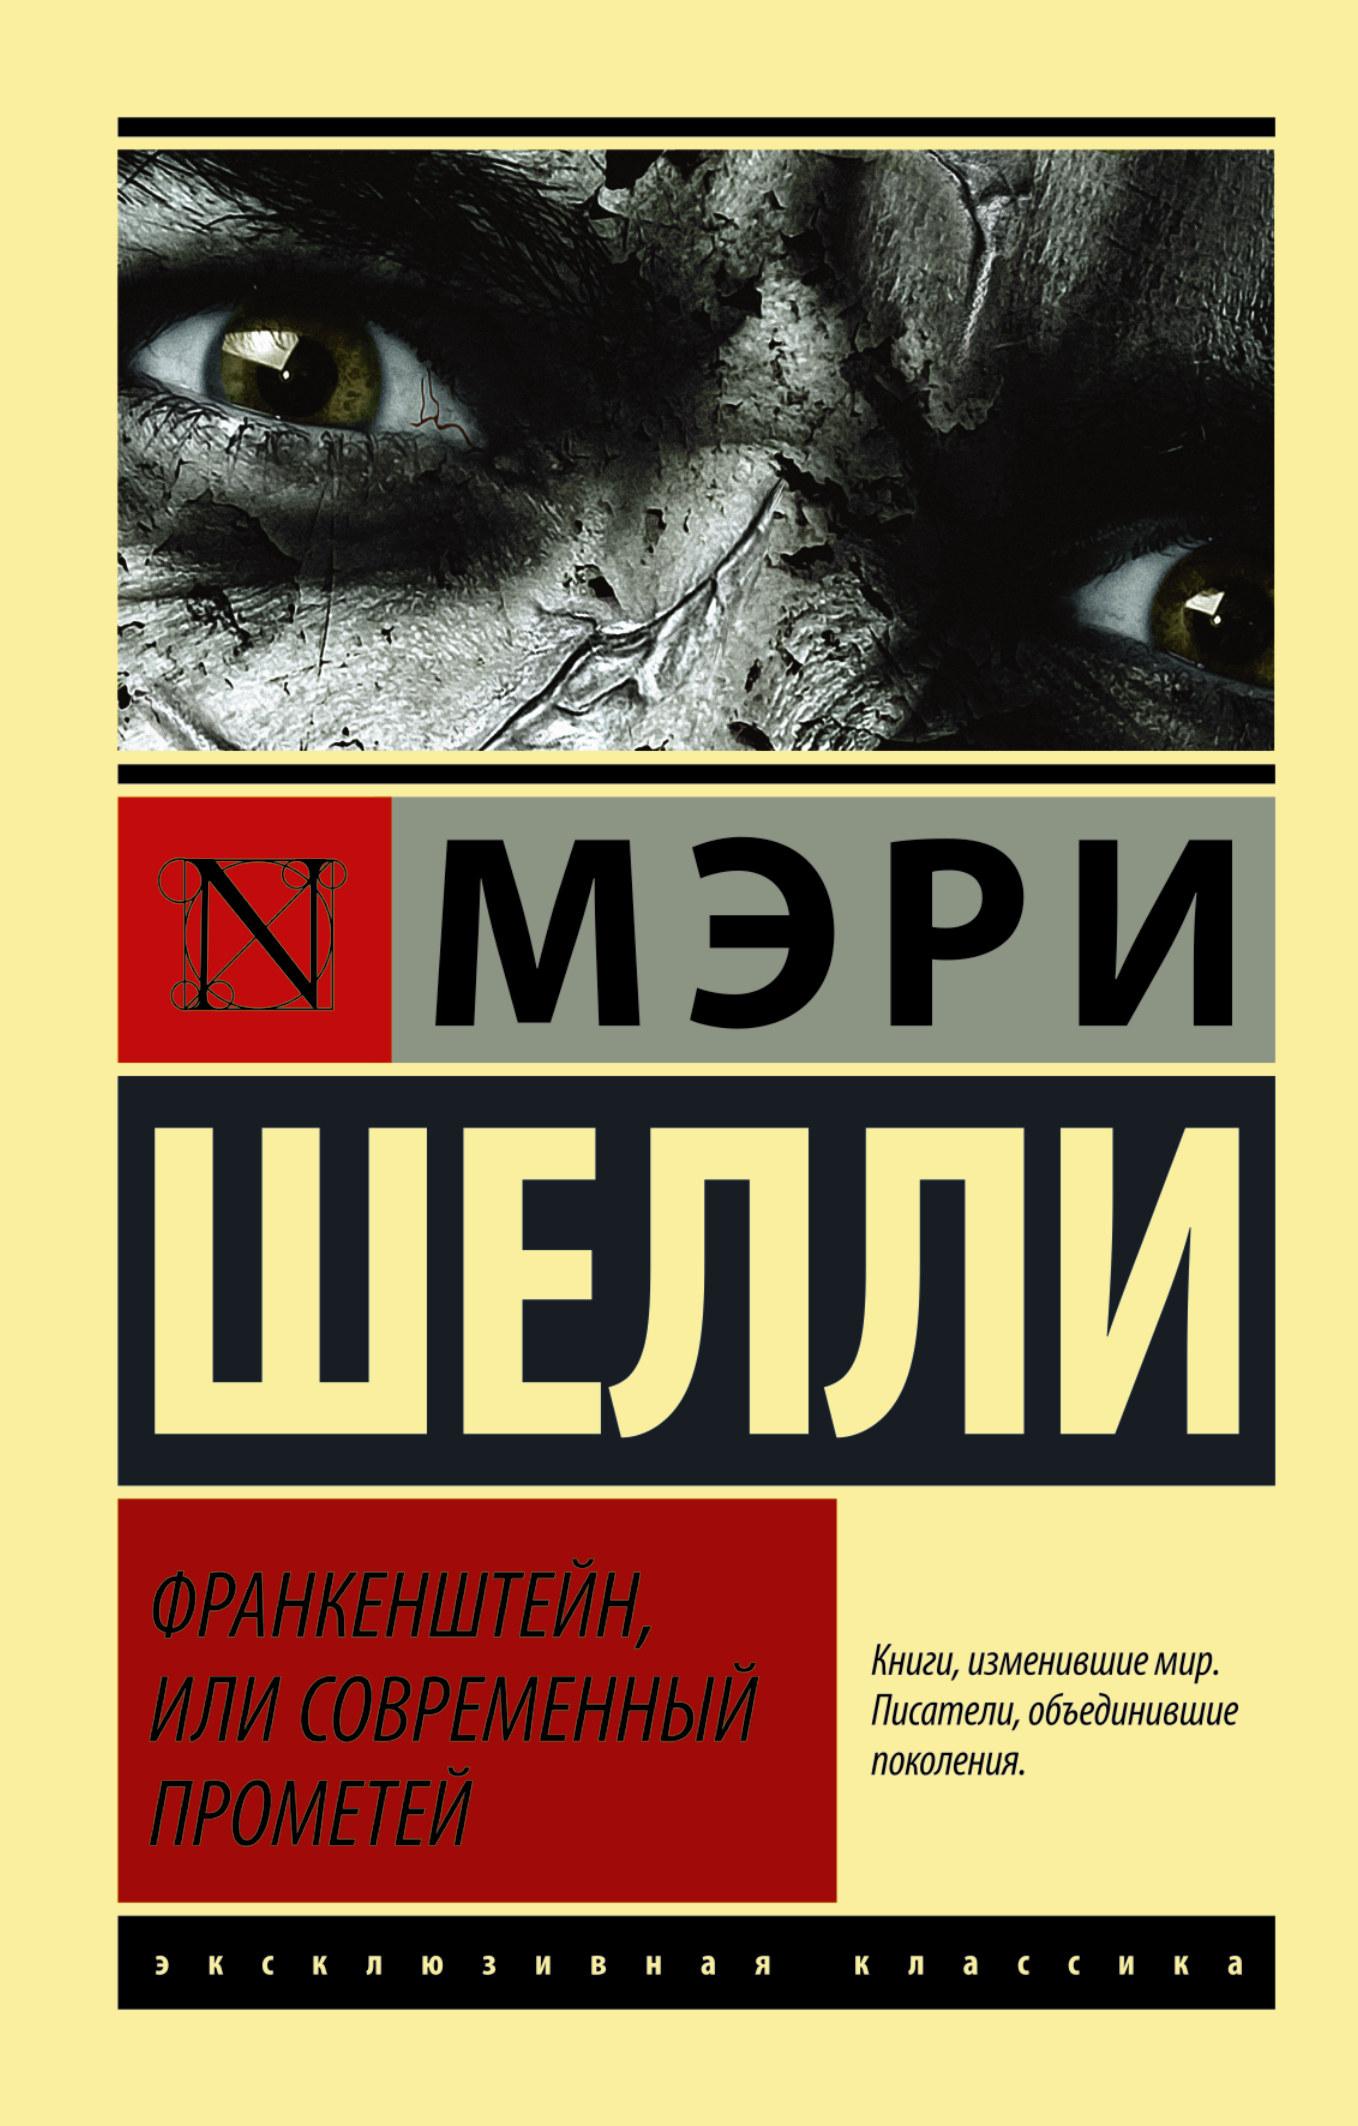 Это роман английской писательницы об учёном Викторе Франкенштейне, который достигает своей цели и со